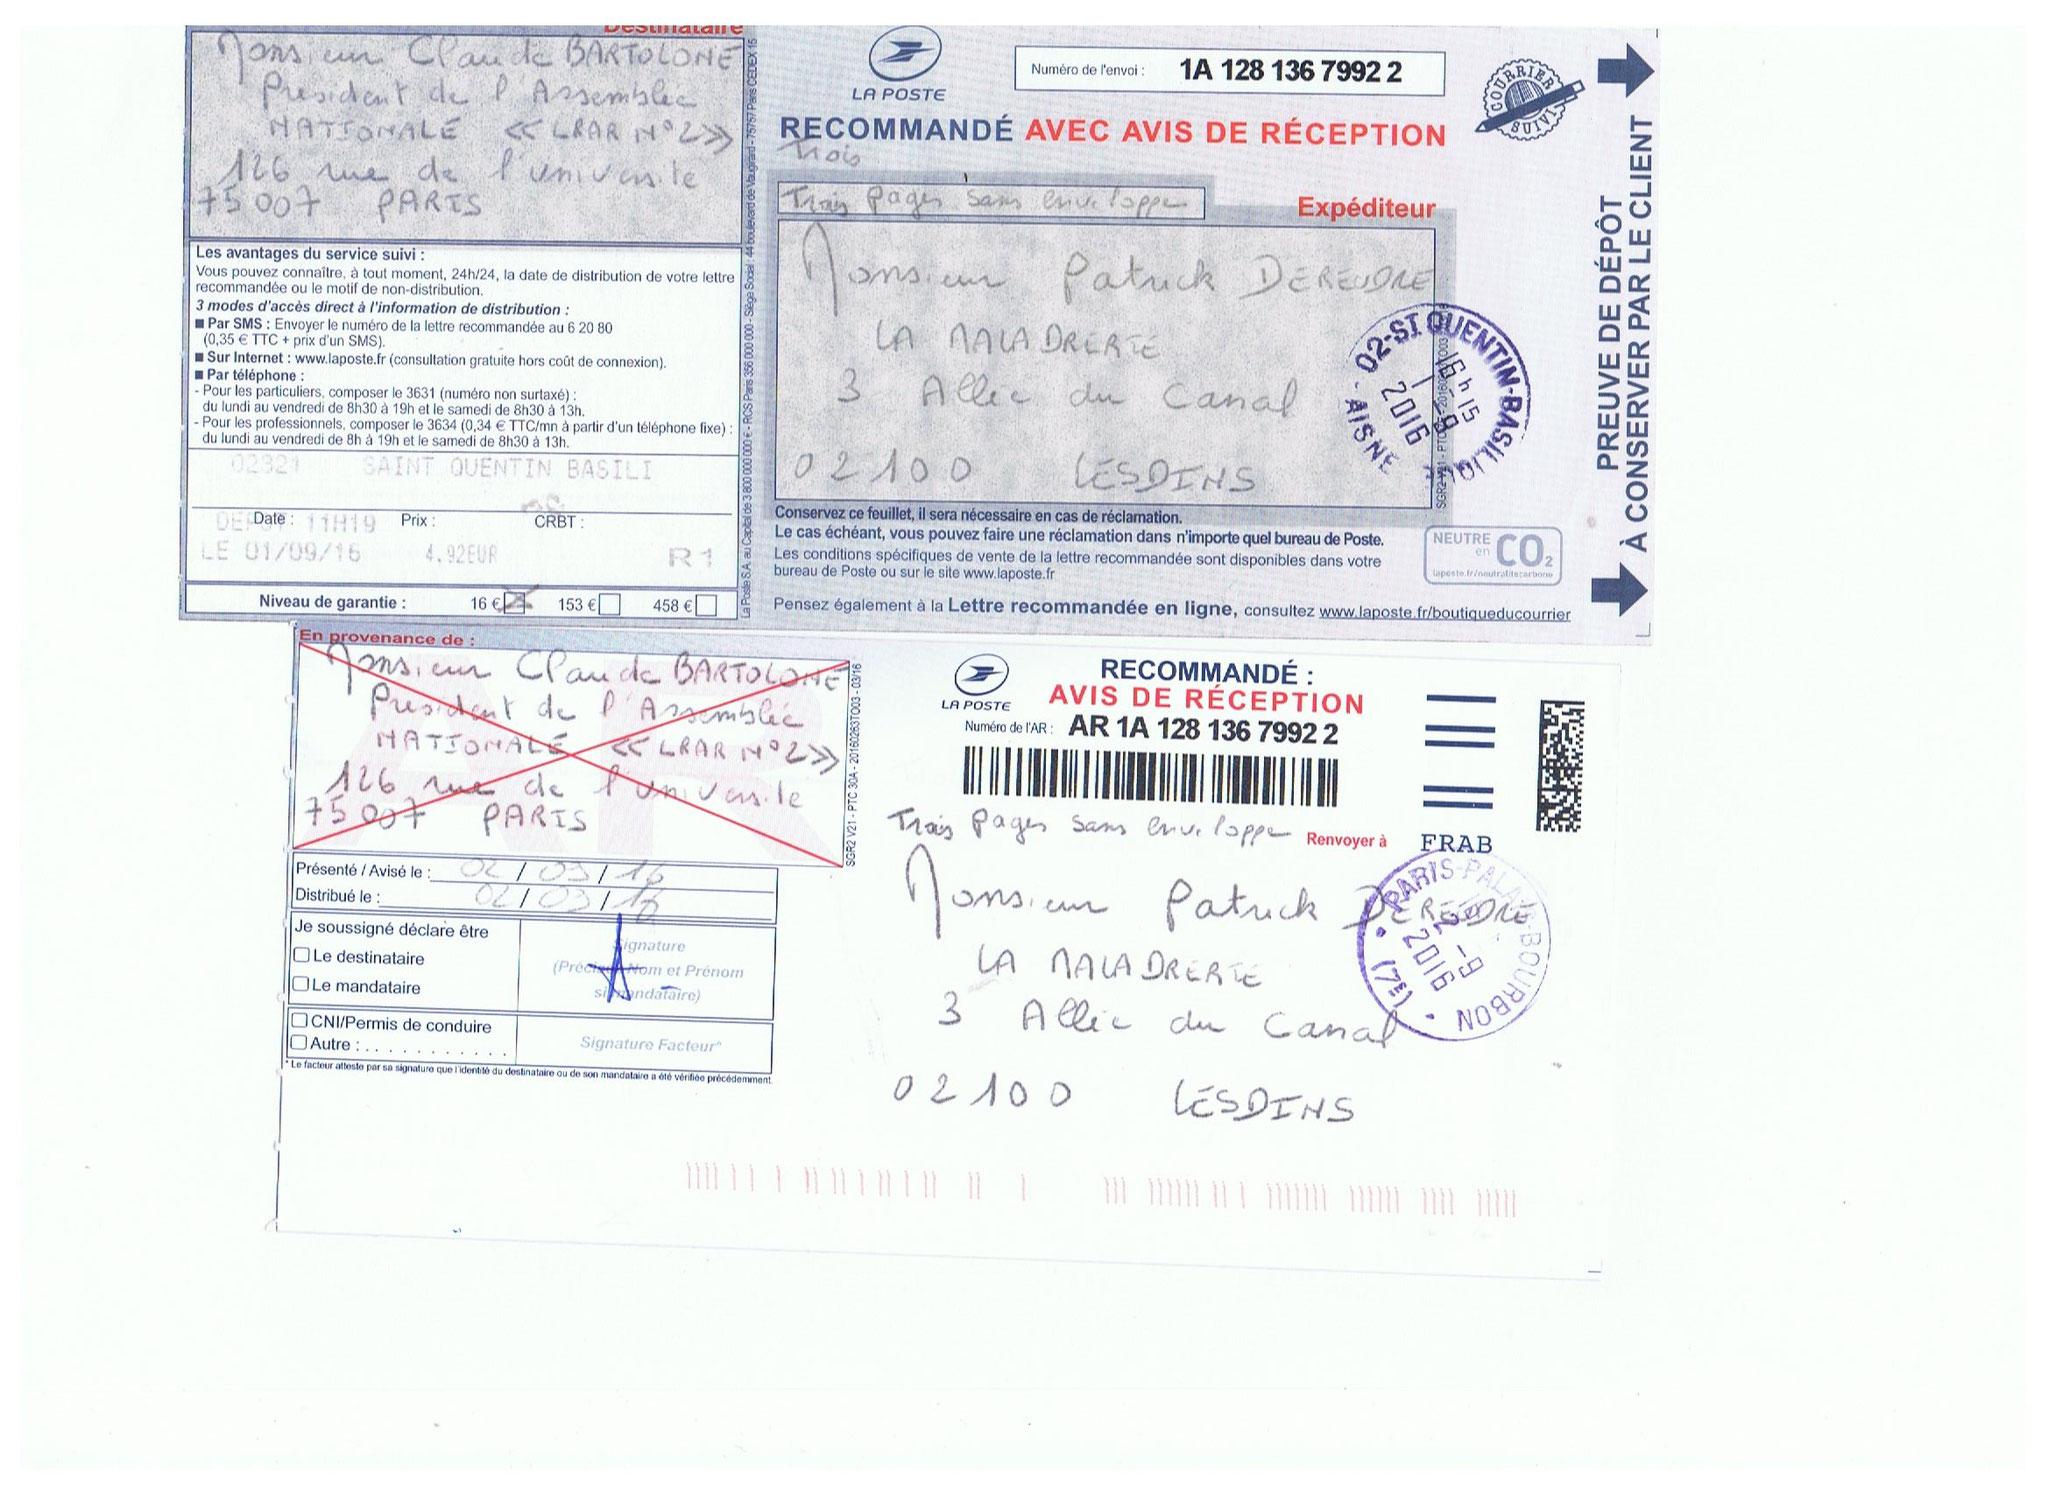 LRAR du 01 Septembre  2016 N°1A 128 136 7992 2 à  Monsieur le Président de l'Assemblée Nationale Commission d'Enquête Parlementaire site www.jesuispatrick.fr